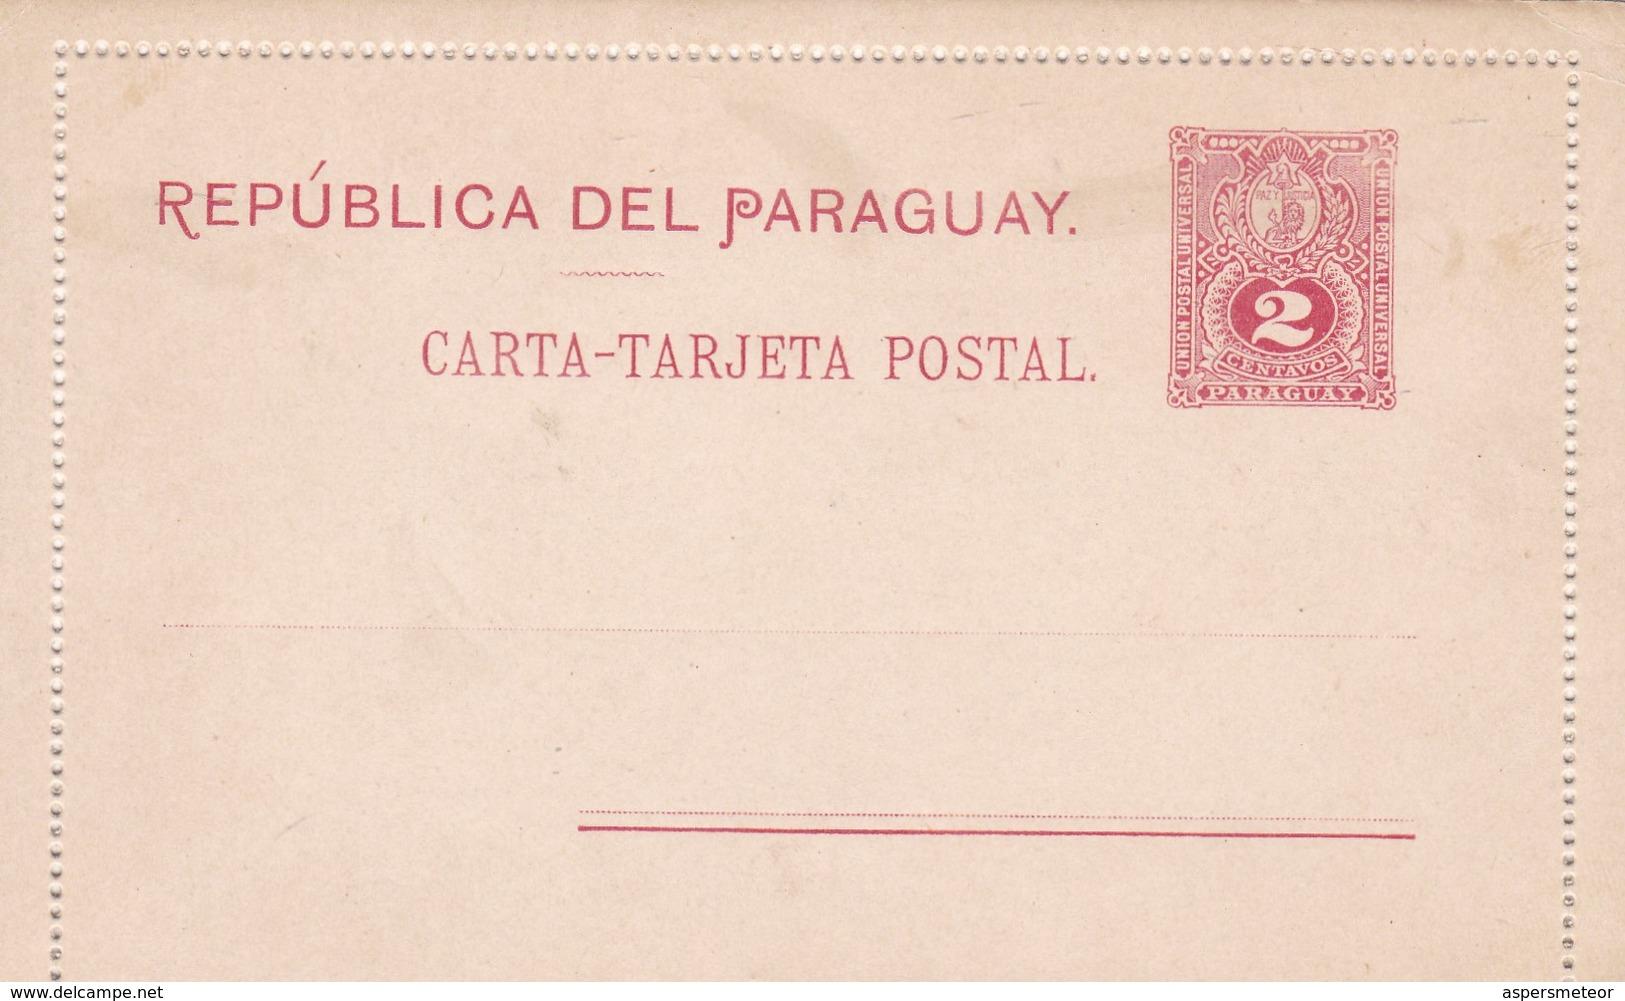 REPUBLICA DEL PARAGUAY CARTA TARJETA POSTAL 2 CTVS CIRCA 1900 STATIONERY ENTIER - BLEUP - Paraguay